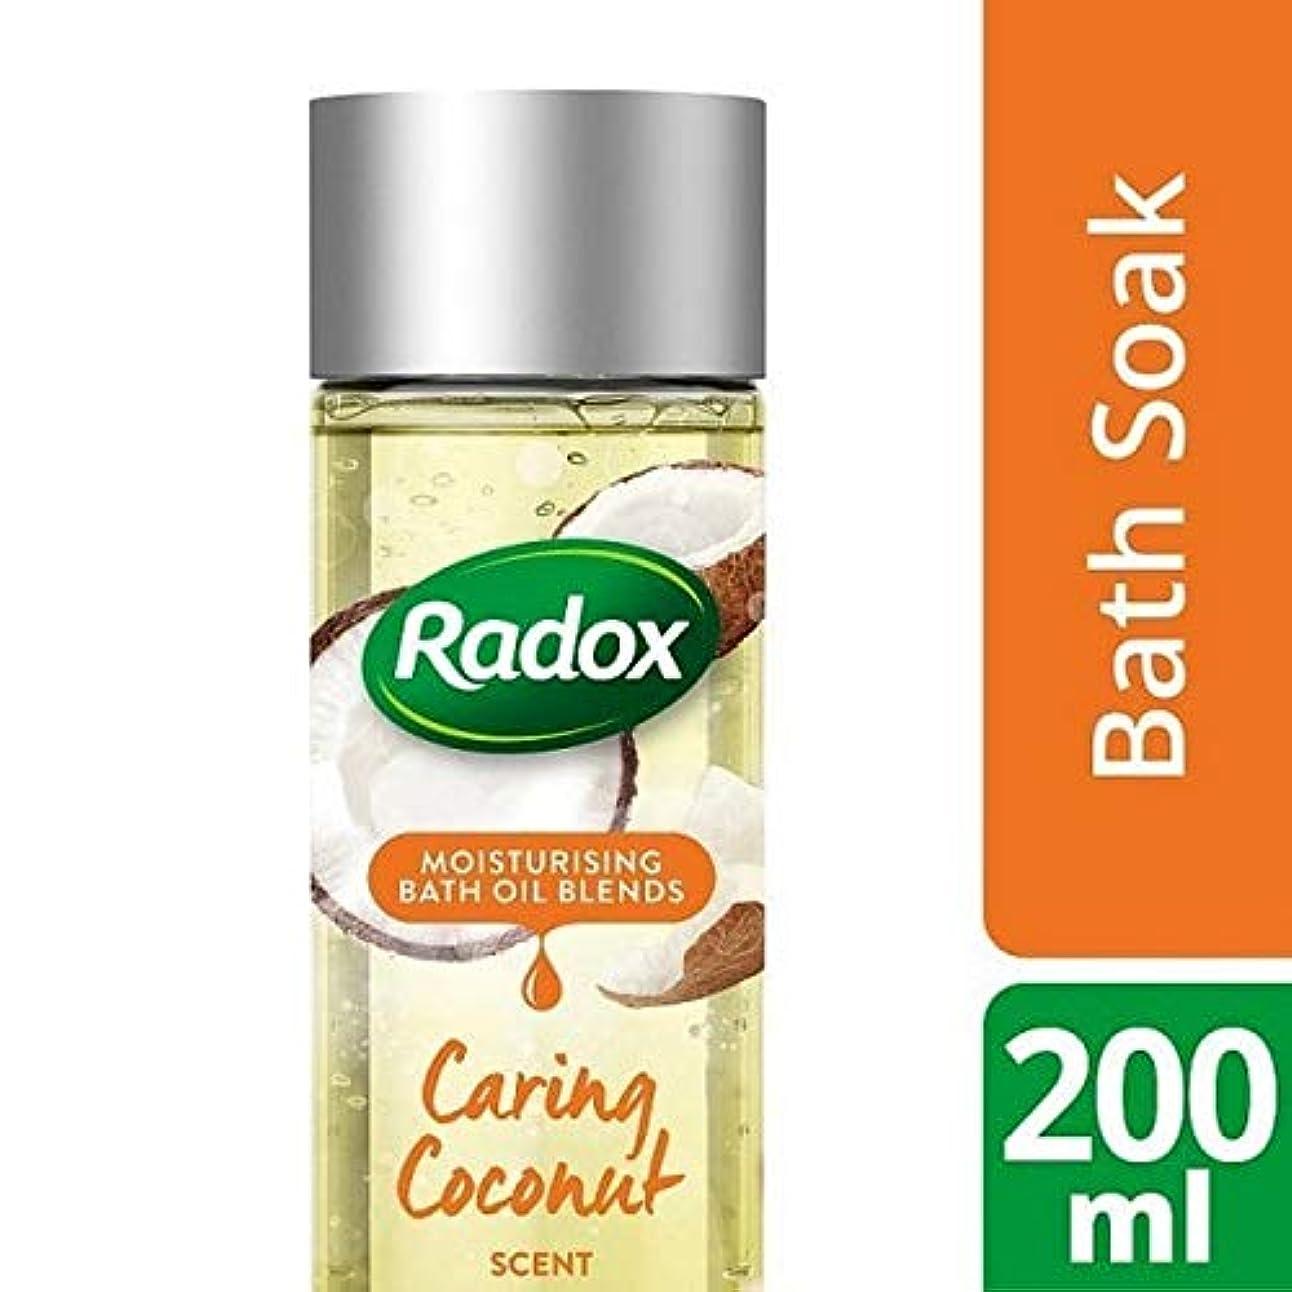 証人革新羊[Radox] Radoxのバスオイル思いやりのあるココナッツの香りの200ミリリットル - Radox Bath Oil Caring Coconut Scent 200ml [並行輸入品]